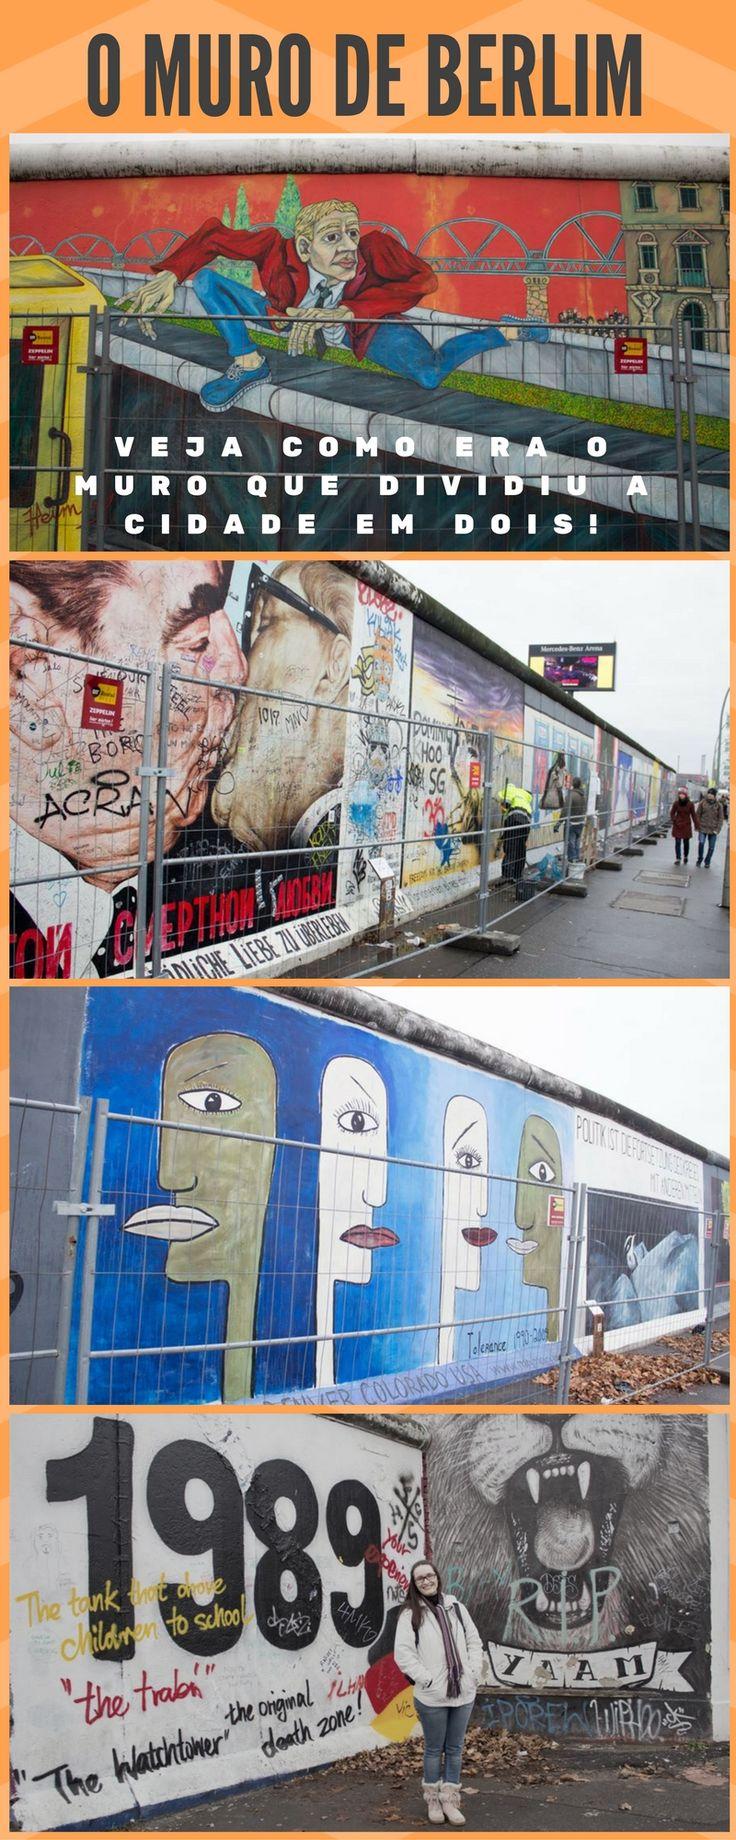 Em 1989 caia o muro de Berlim, mas ainda hoje encontramos pedaços pela cidade; Veja aqui o que era o Muro e onde encontrá-lo!